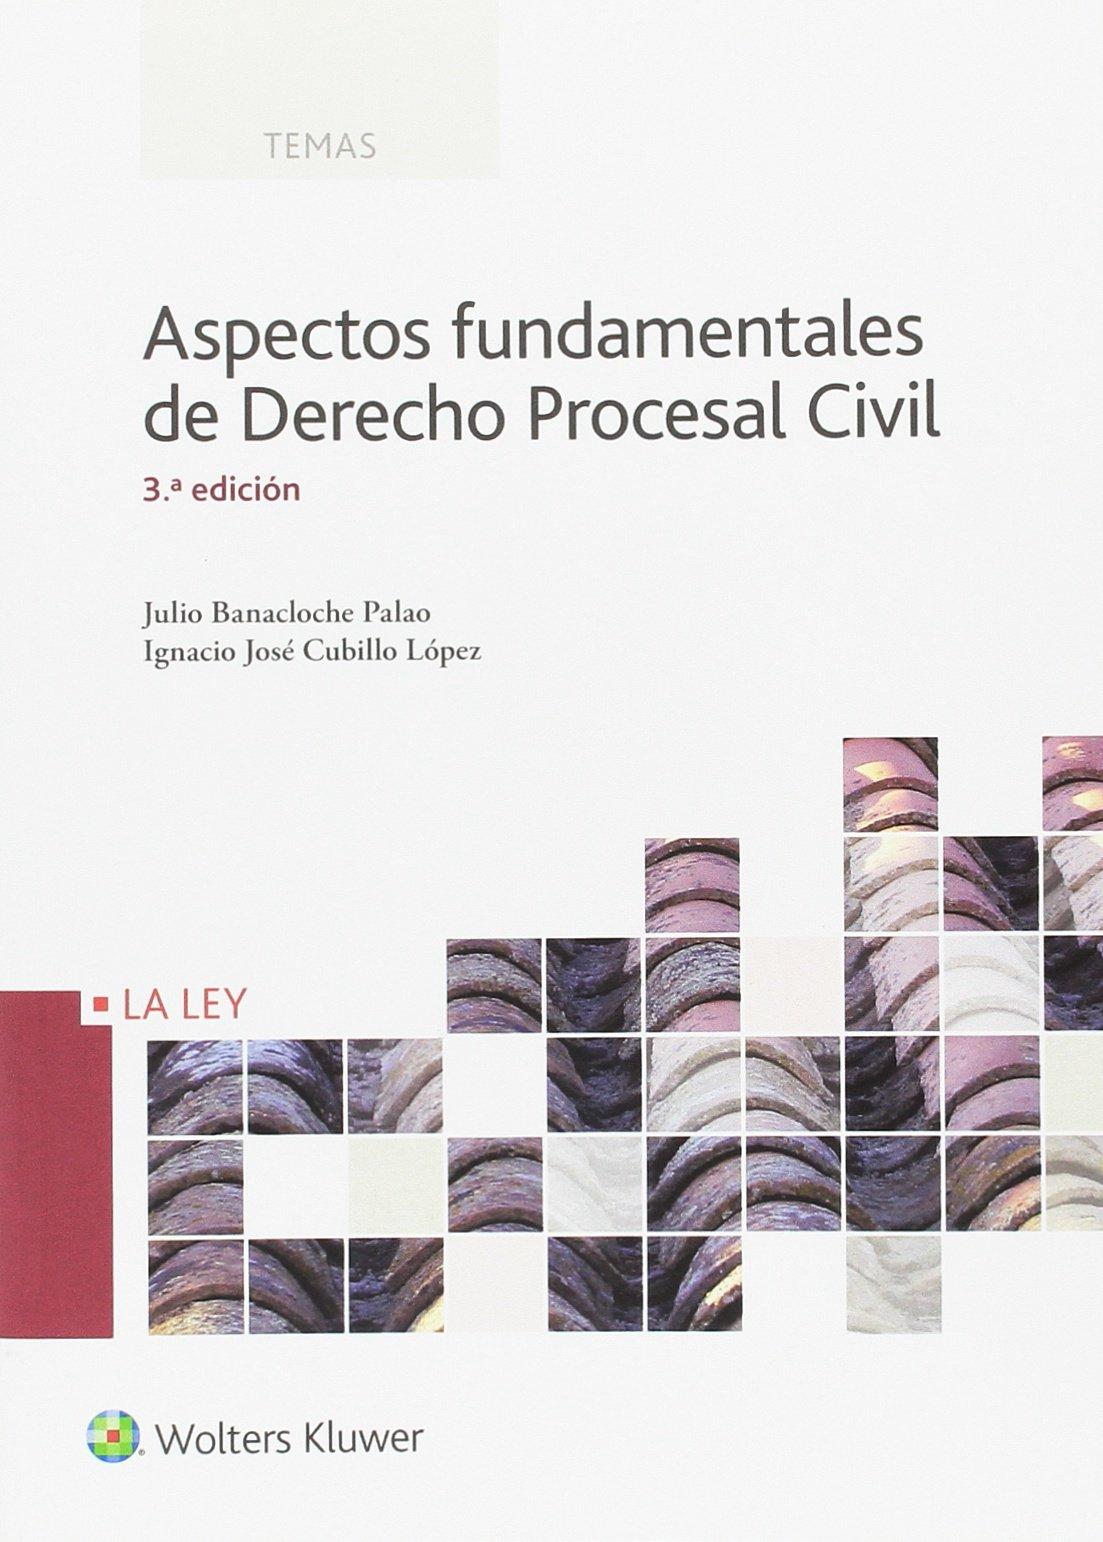 Aspectos fundamentales de Derecho Procesal Civil (3ª ed.- 2016) (Temas La Ley) Tapa blanda – 21 mar 2016 Ignacio José Cubillo López 8490204888 Spain Civil procedure